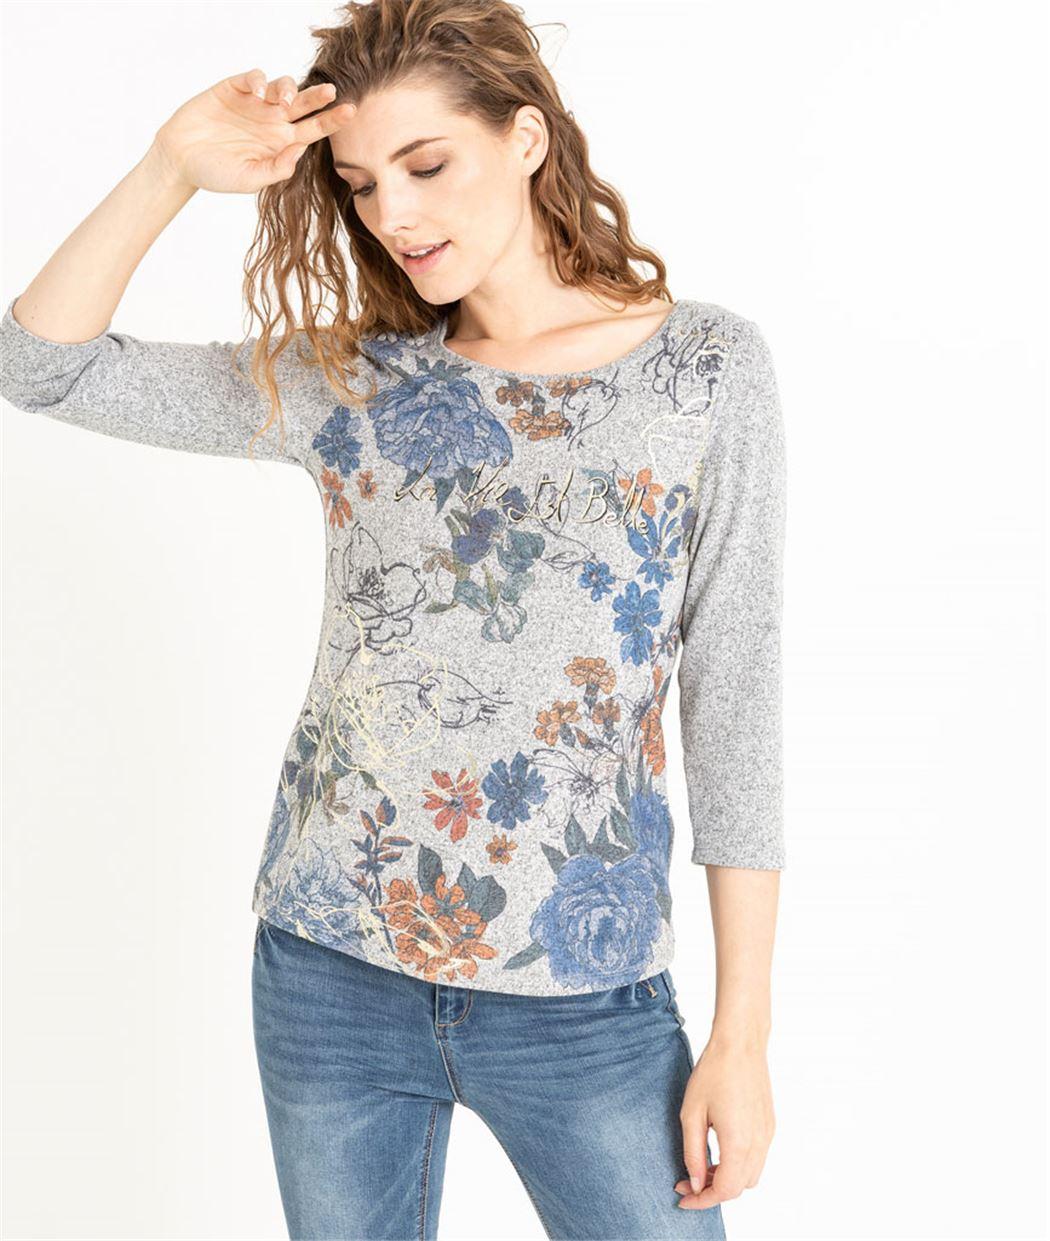 T-shirt femme gris imprimé fleuri GRIS